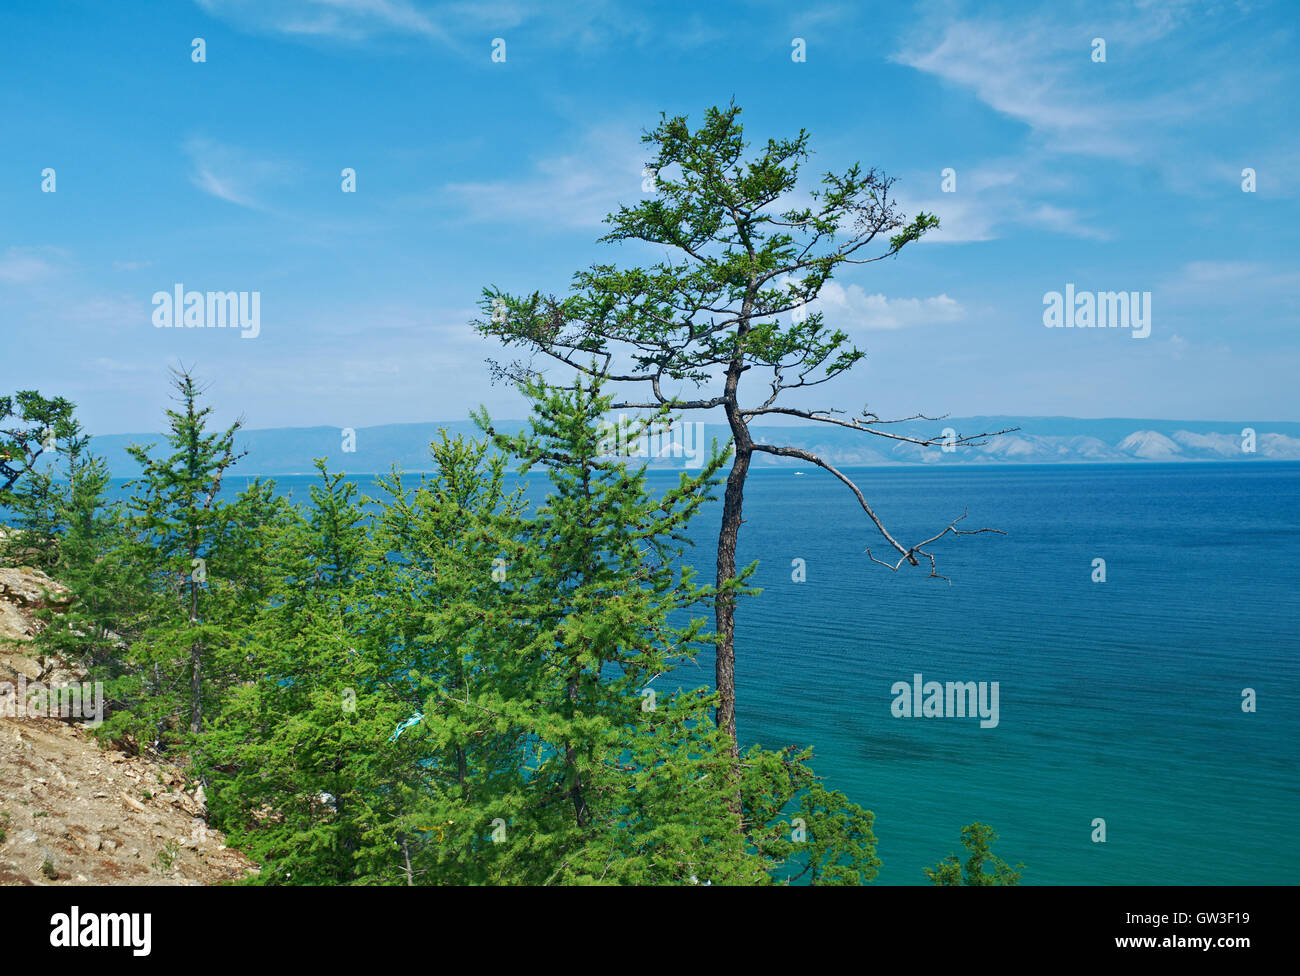 coast of Olkhon island, lake Baikal, Siberia, Russia - Stock Image